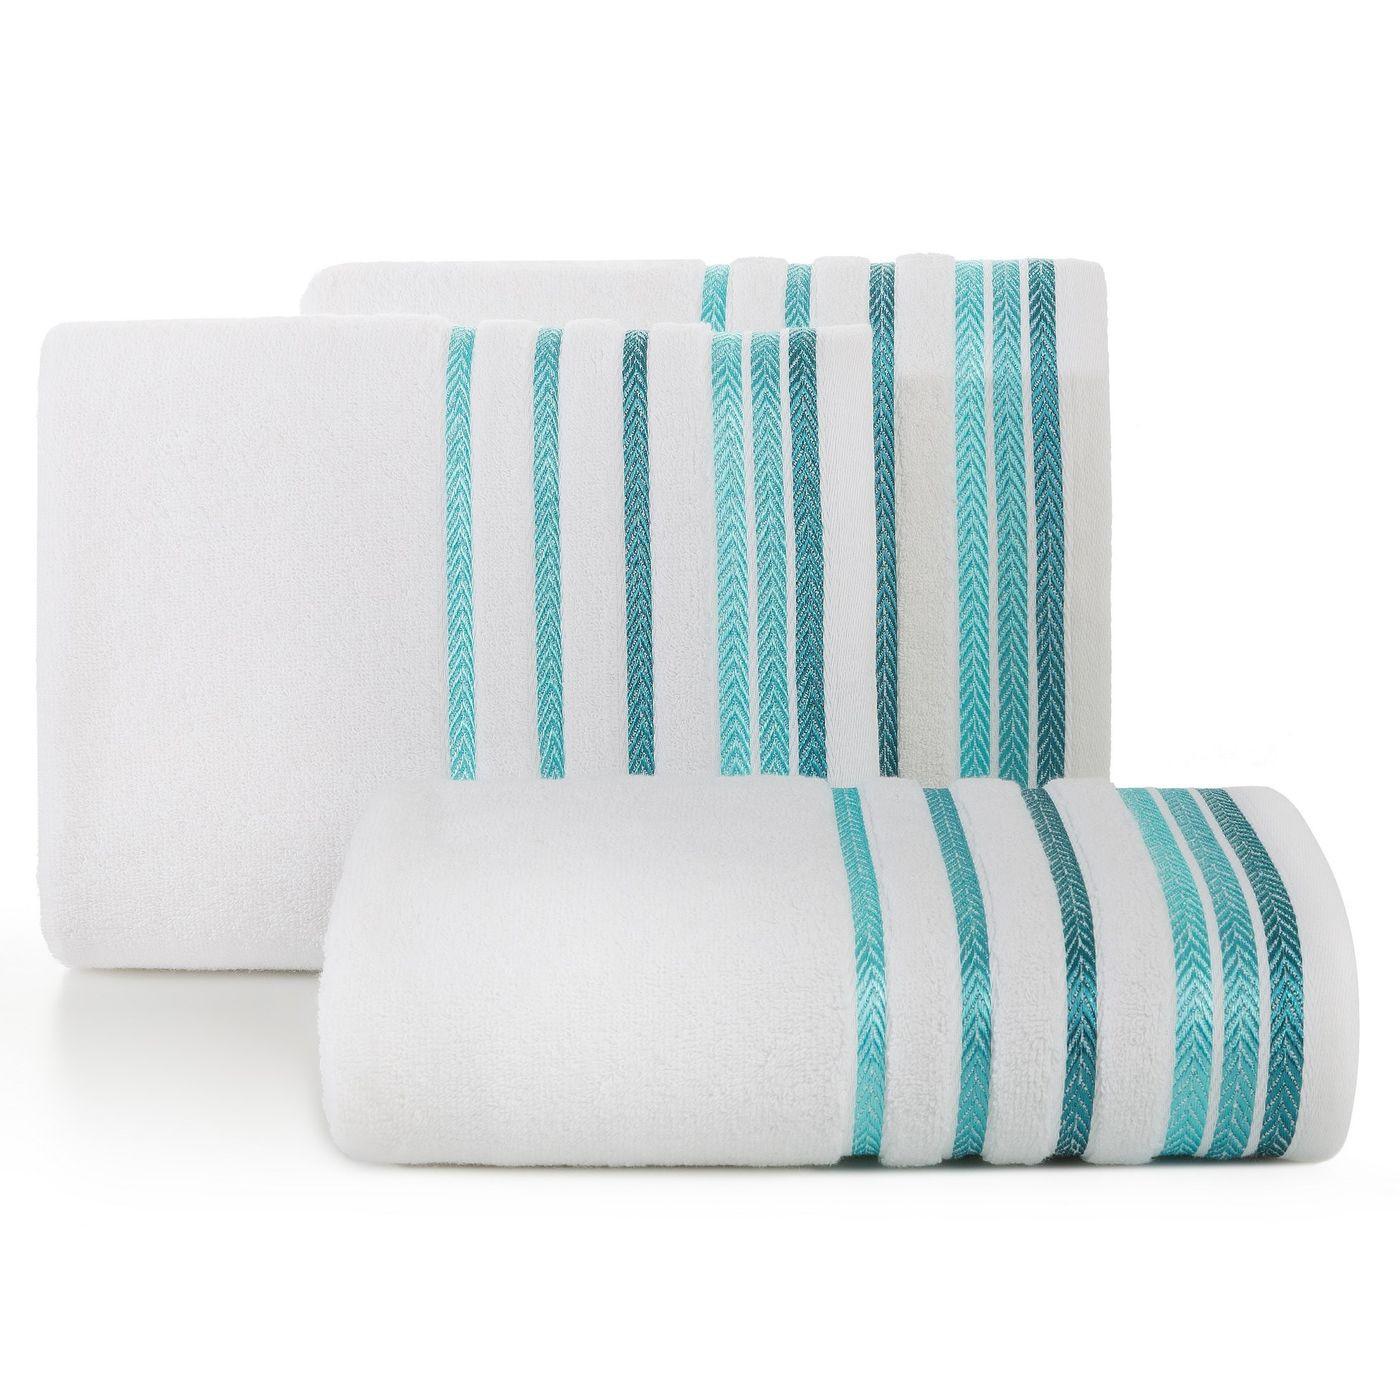 Ręcznik z bawełny z kolorowymi paskami w jodełkę 50x90cm biały+turkusowy